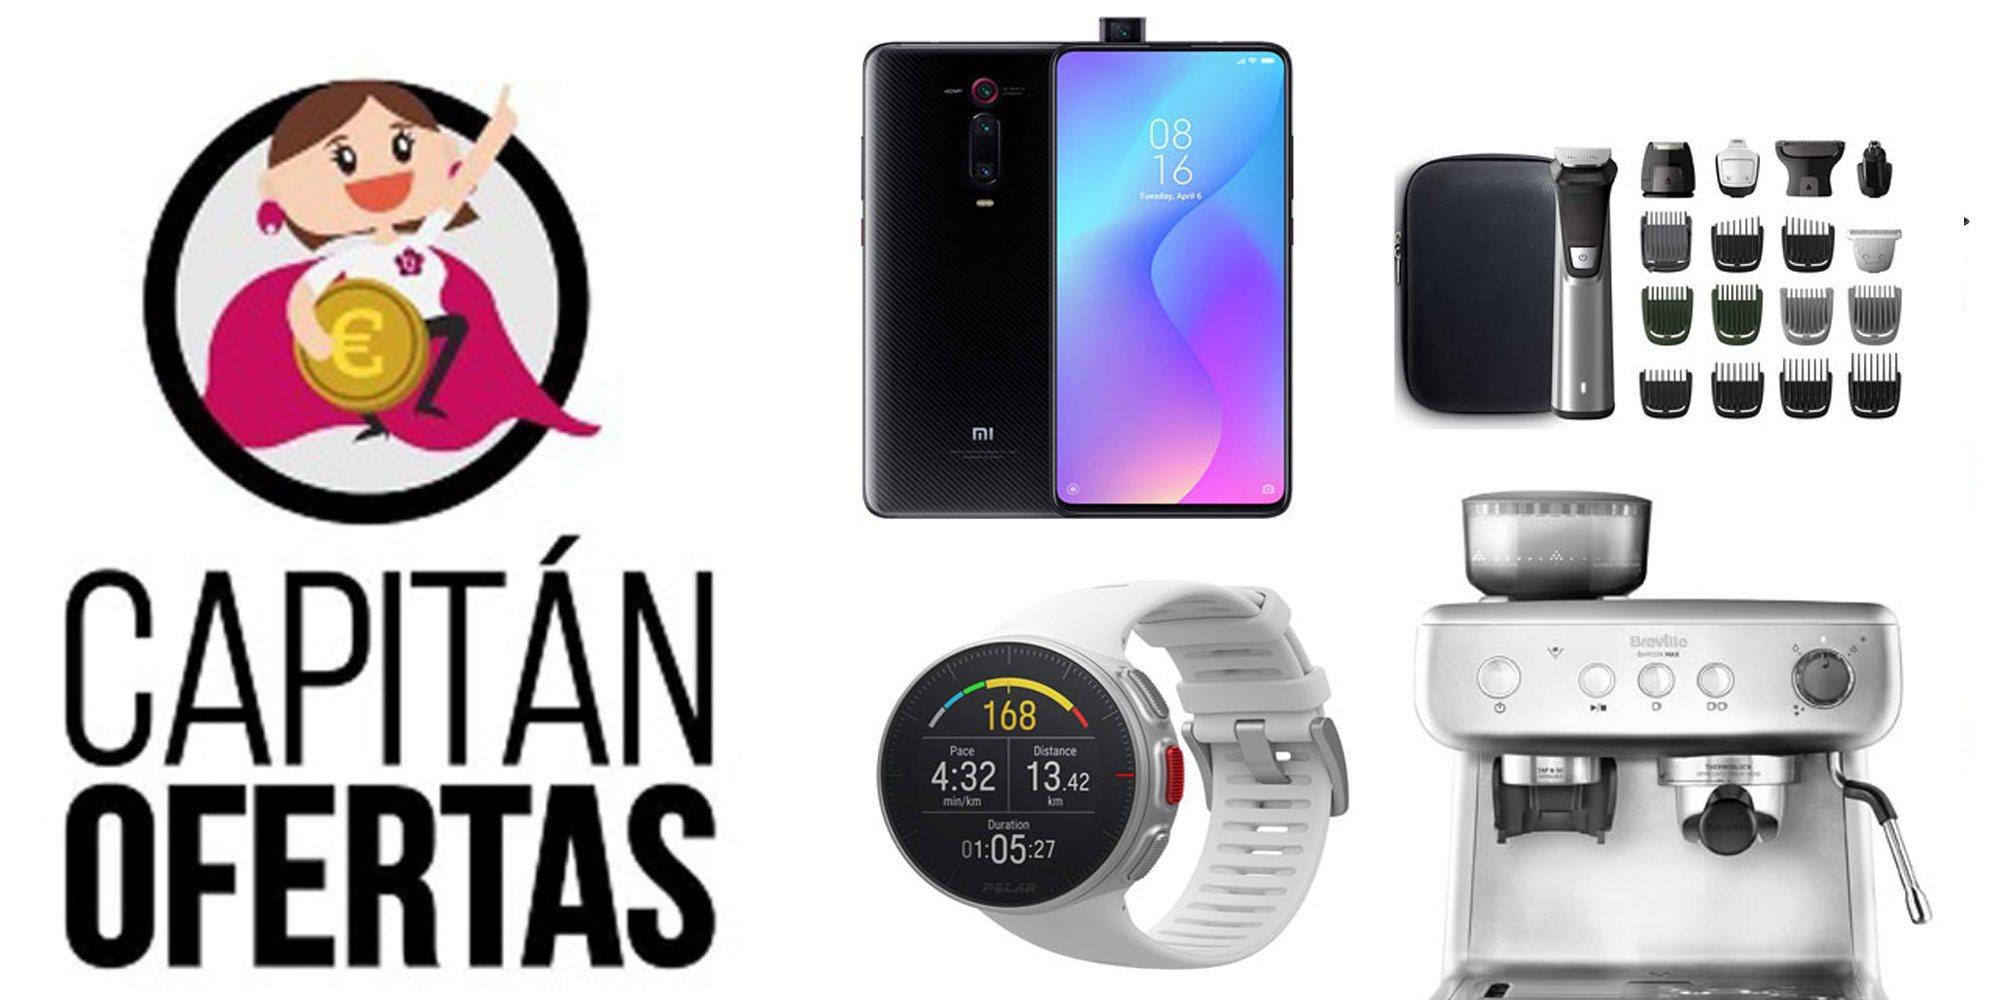 Las mejores ofertas del Black Friday 2019 con Capitán Ofertas